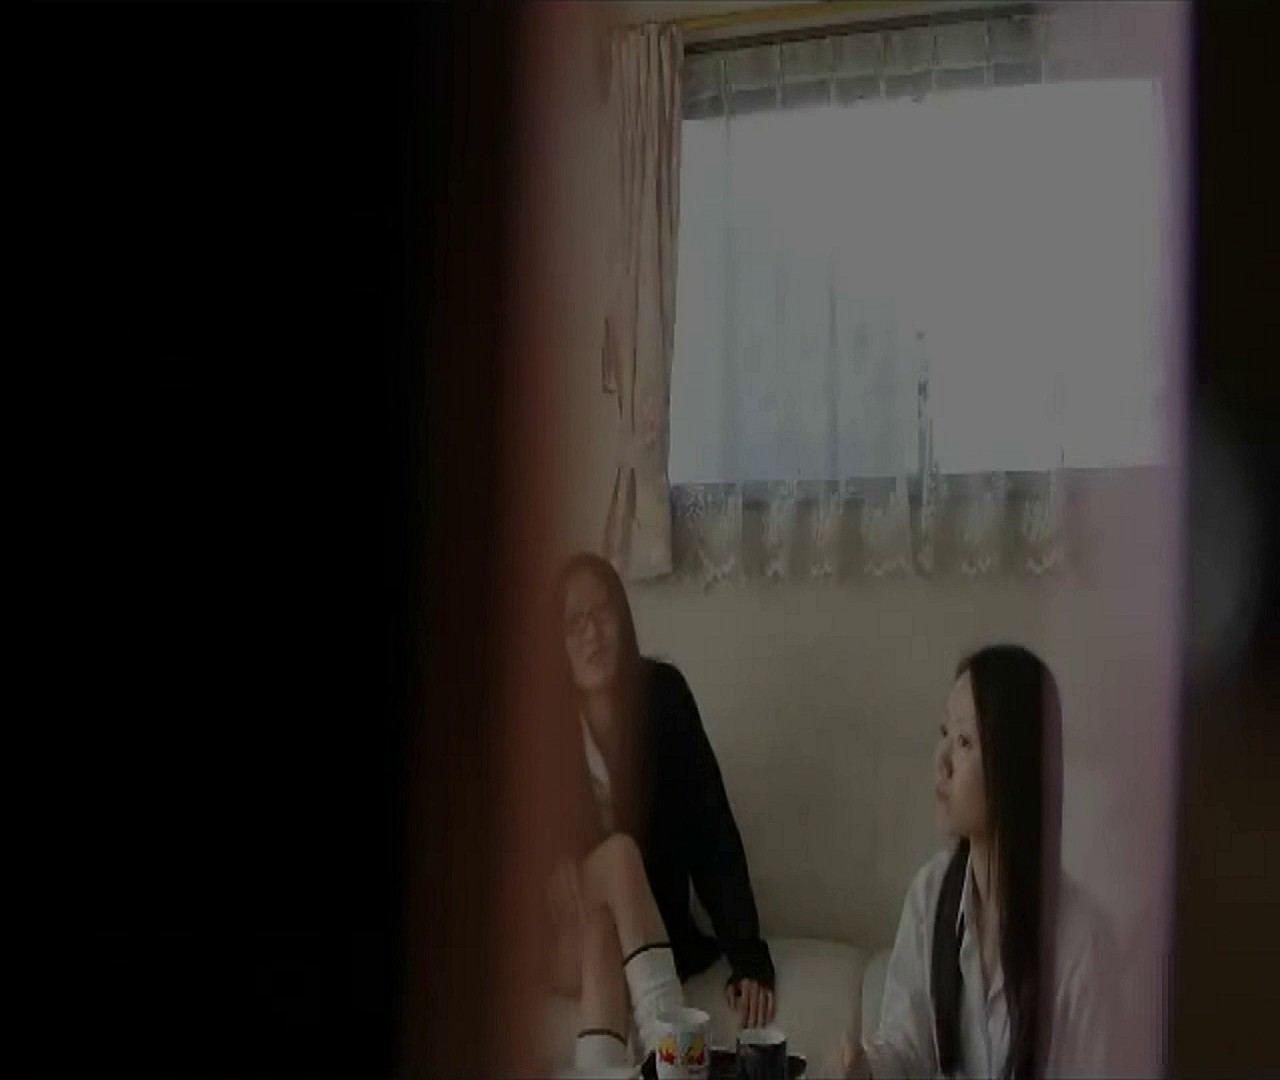 無修正エロ動画|vol.1 まどかとレイカの微笑ましい日常です。|怪盗ジョーカー